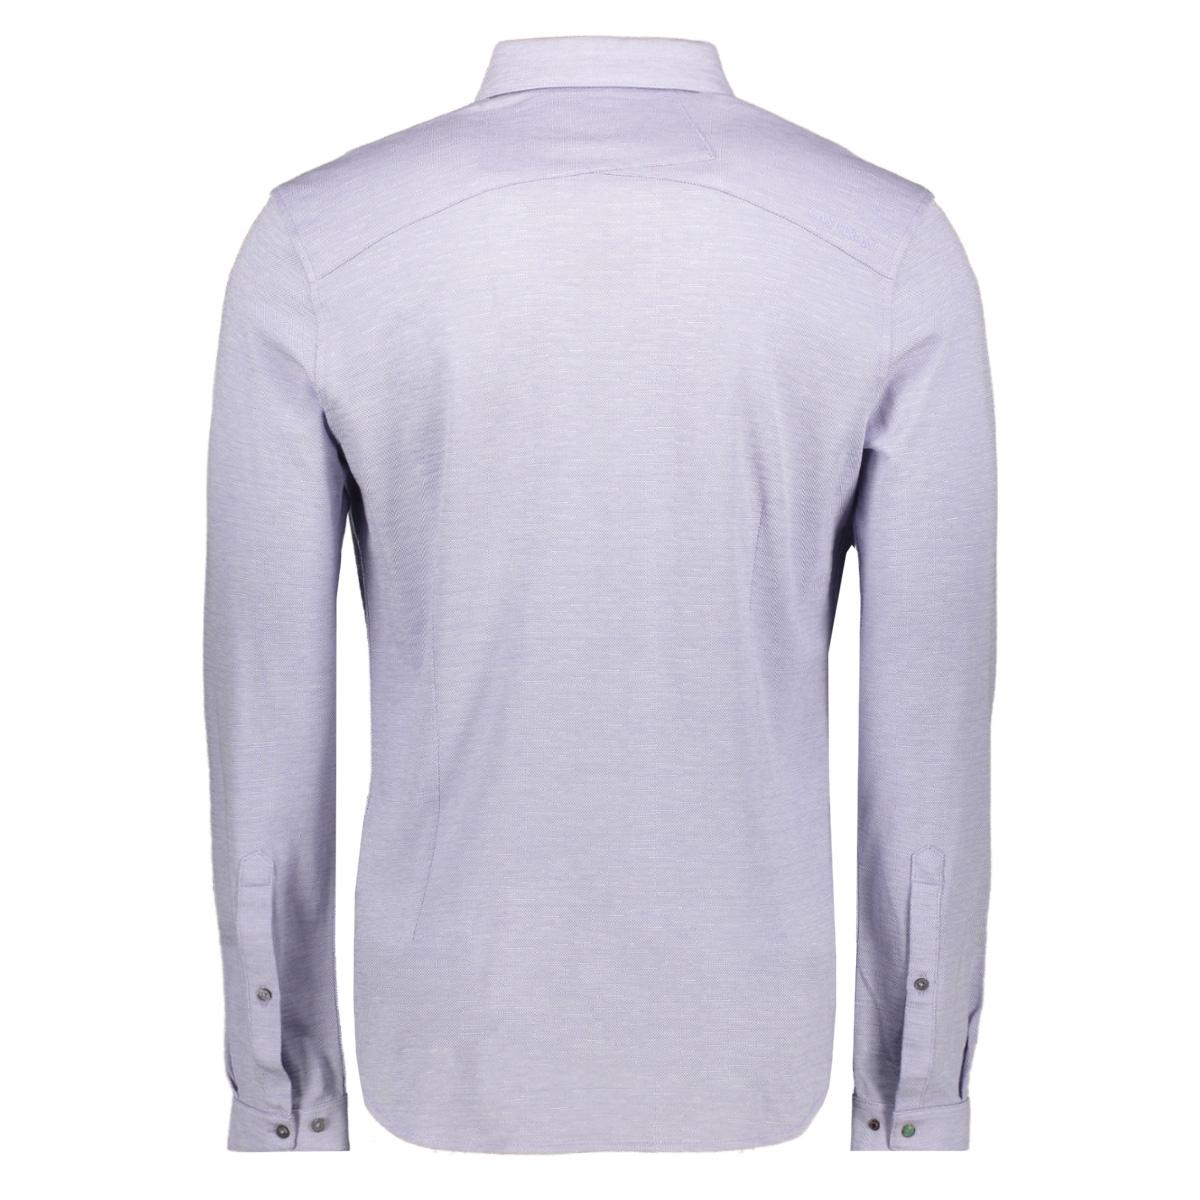 jersey pique broken line csi202631 cast iron overhemd 4281